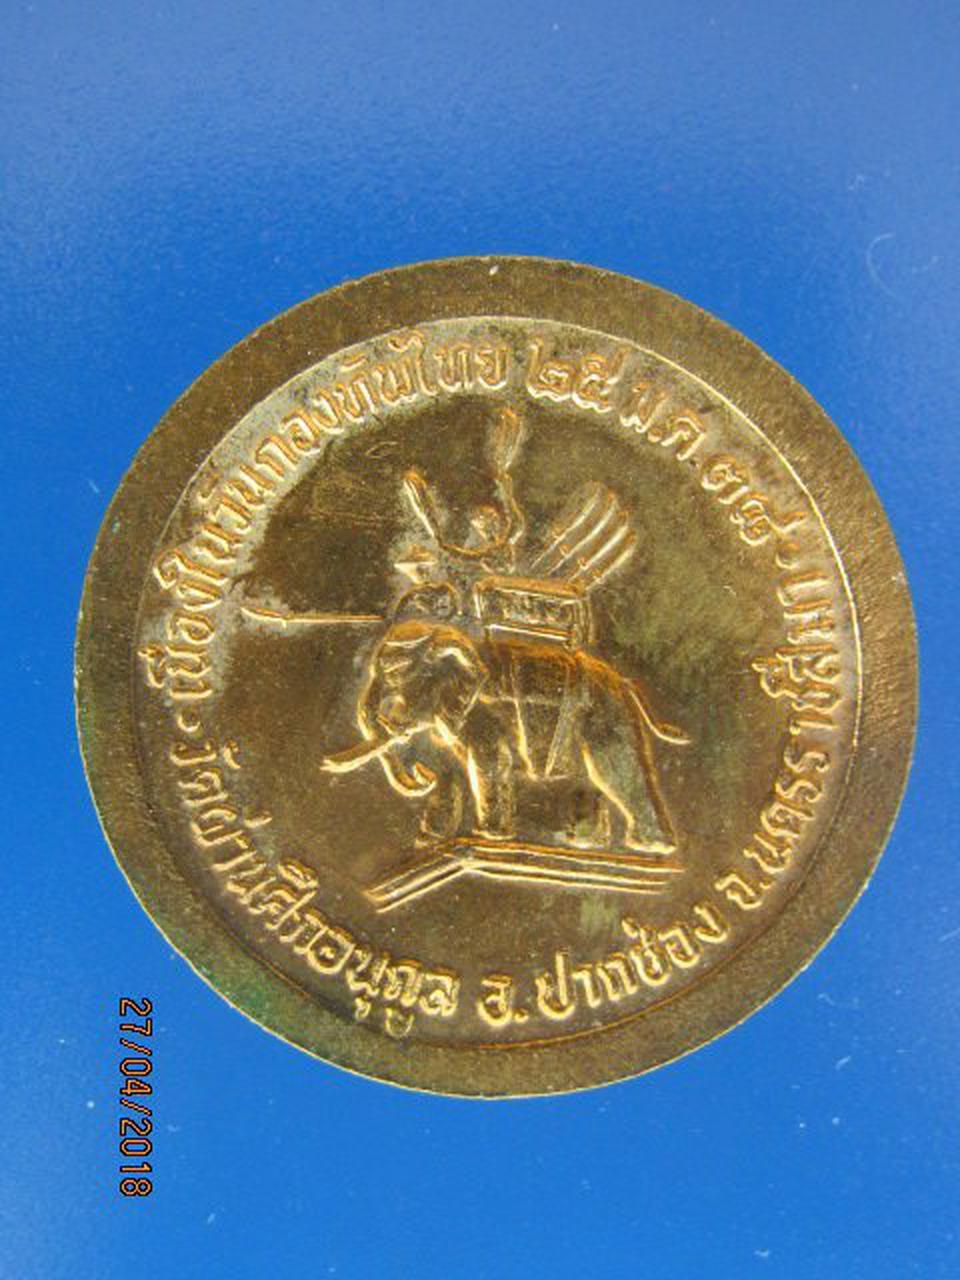 5230 เหรียญสมเด็จพระนเรศวรมหาราช วัดผ่านศึกอนุกูล ปี 2538 อ. รูปที่ 1